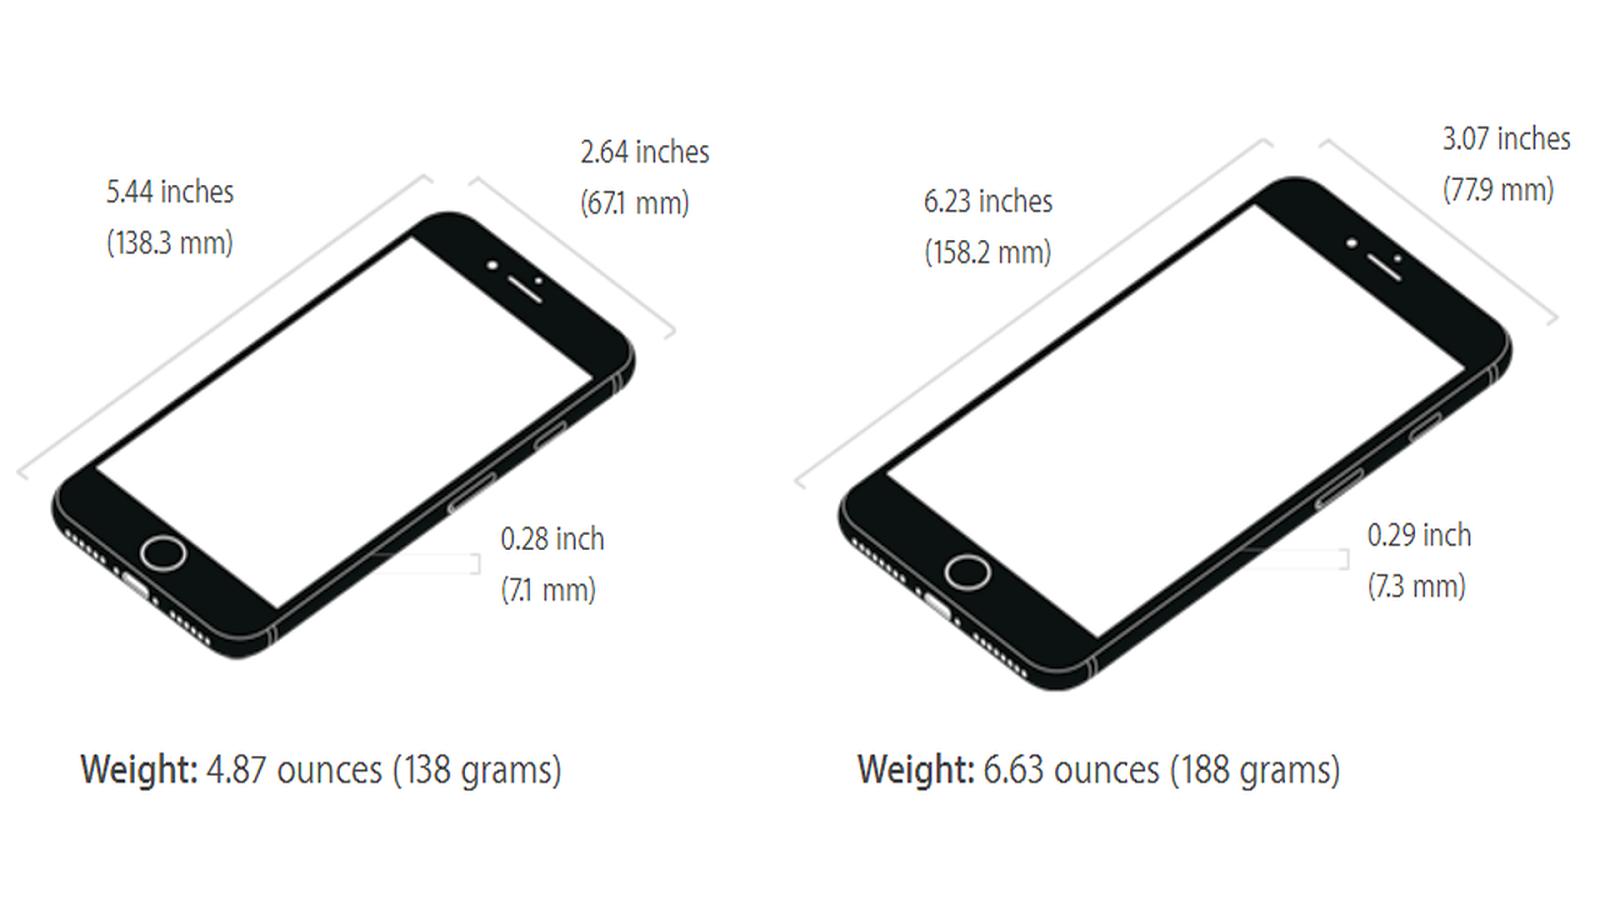 iphone 4 manual pdf download